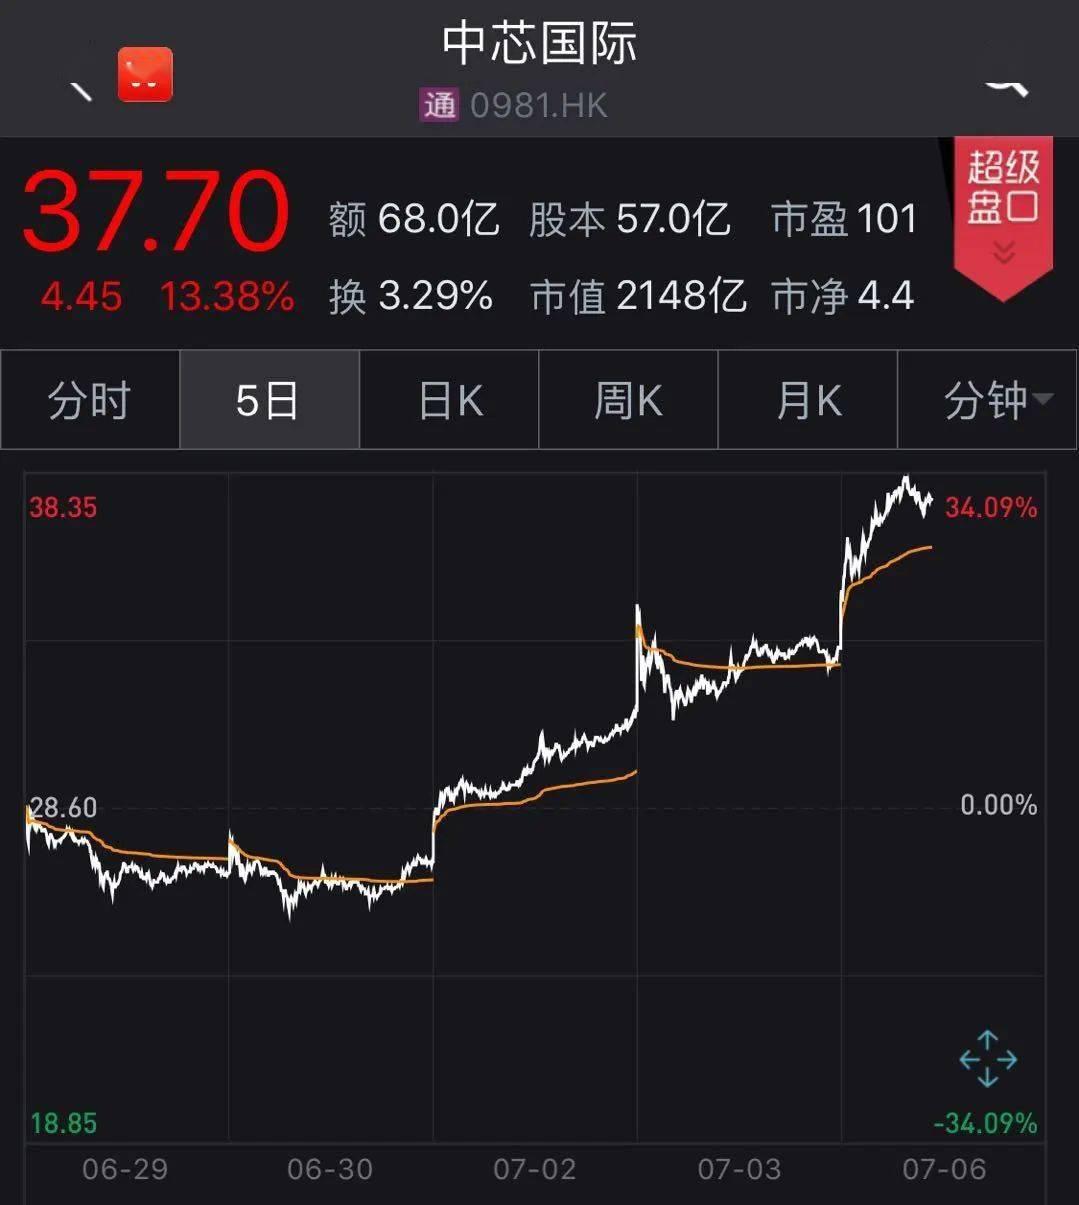 中芯国际IPO火了!港股暴涨18%,市值破2000亿,A股小伙伴也嗨了!